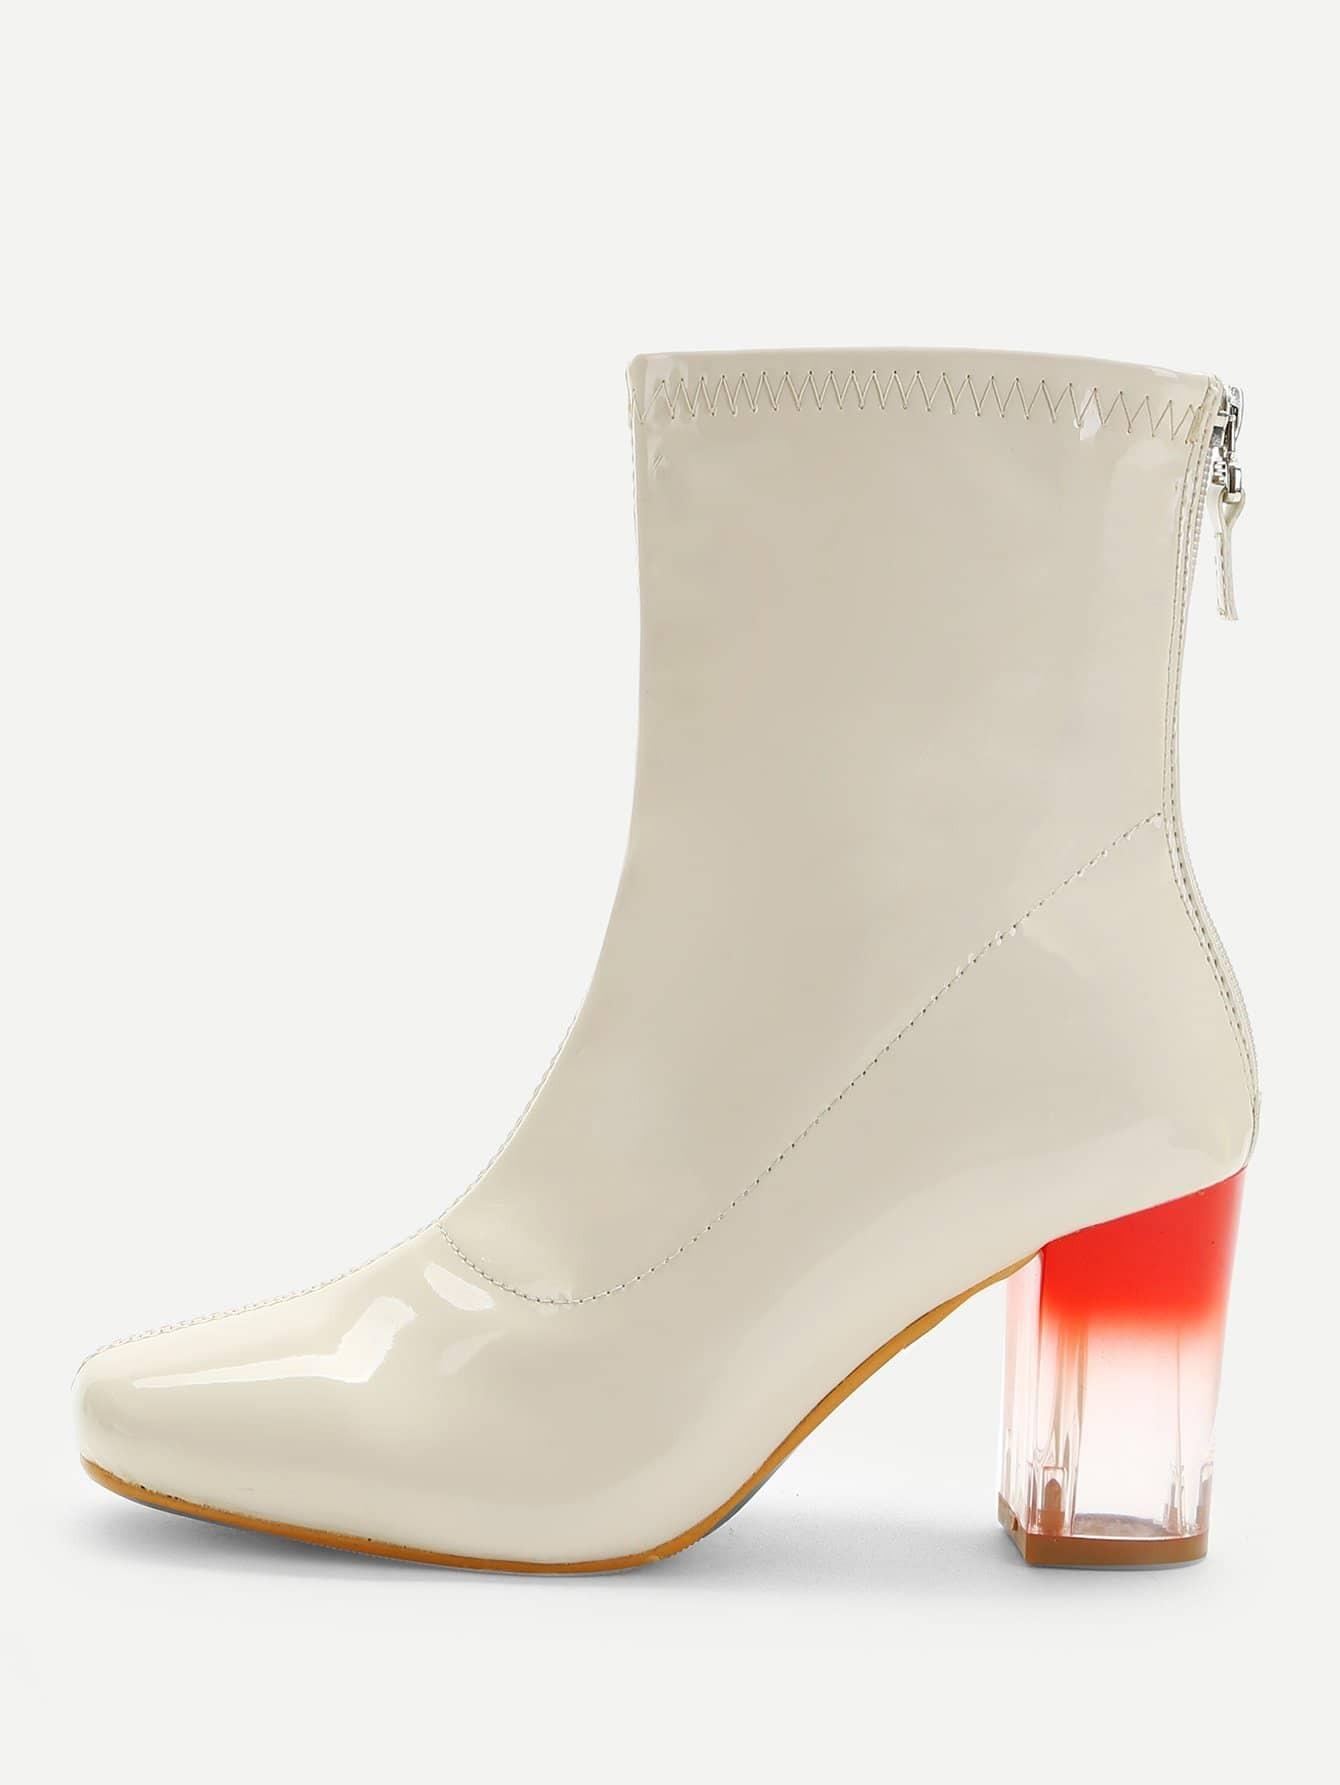 Купить Прозрачные Ombre сапоги на высоких каблуках с застёжкой молния назад, null, SheIn